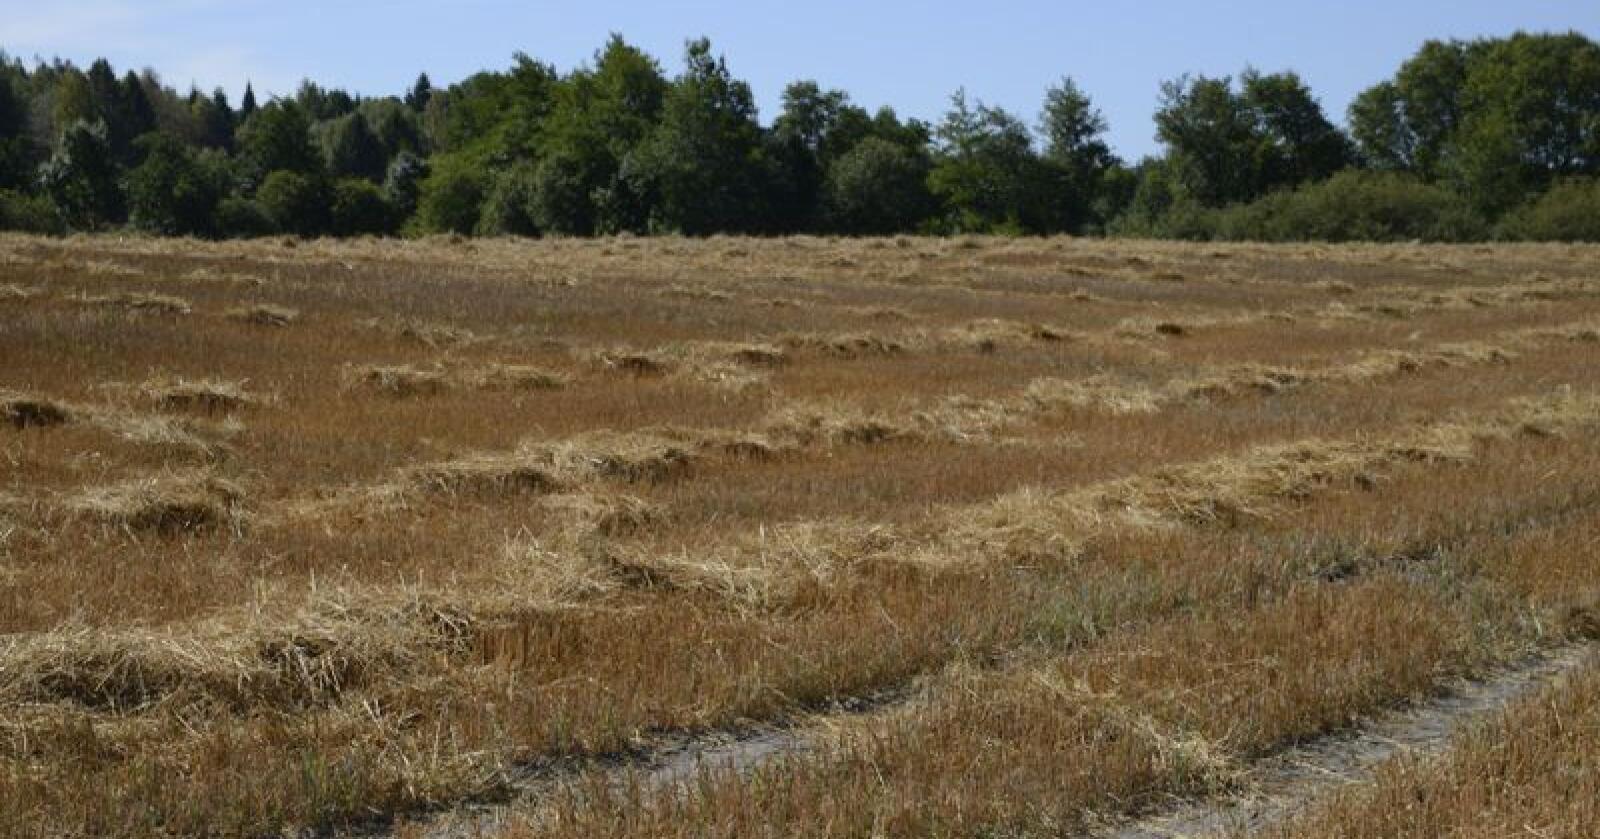 Reduserte avlinger både for korn og grovfôr utgjør den største delen. Foto: Mariann Tvete.